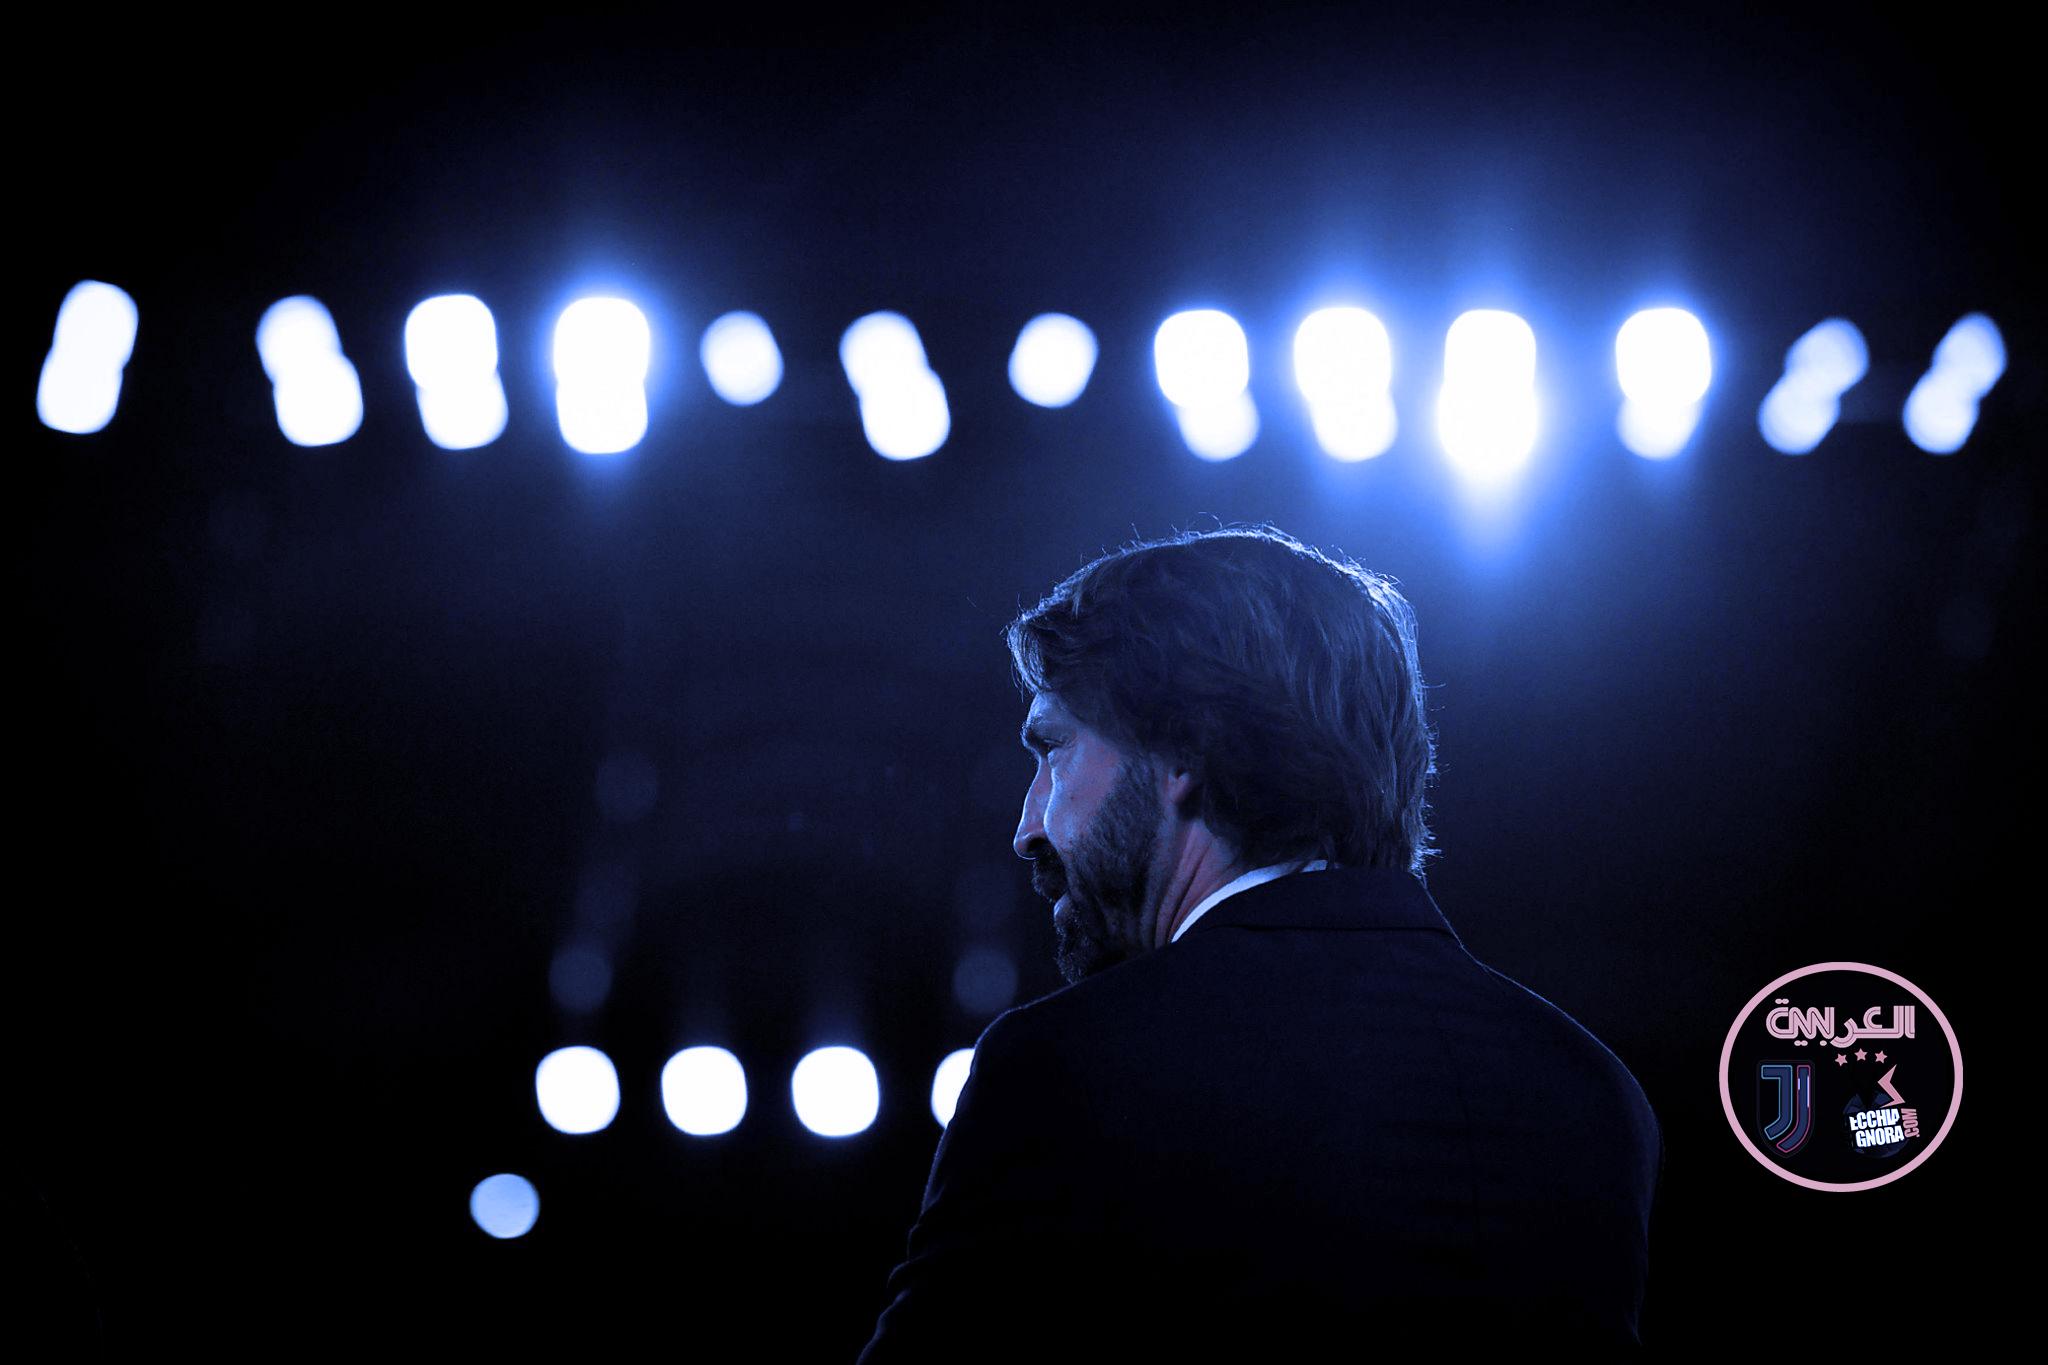 المؤتمر الصحفي لاندريا بيرلو بعد مباراة  روما يوفنتوس